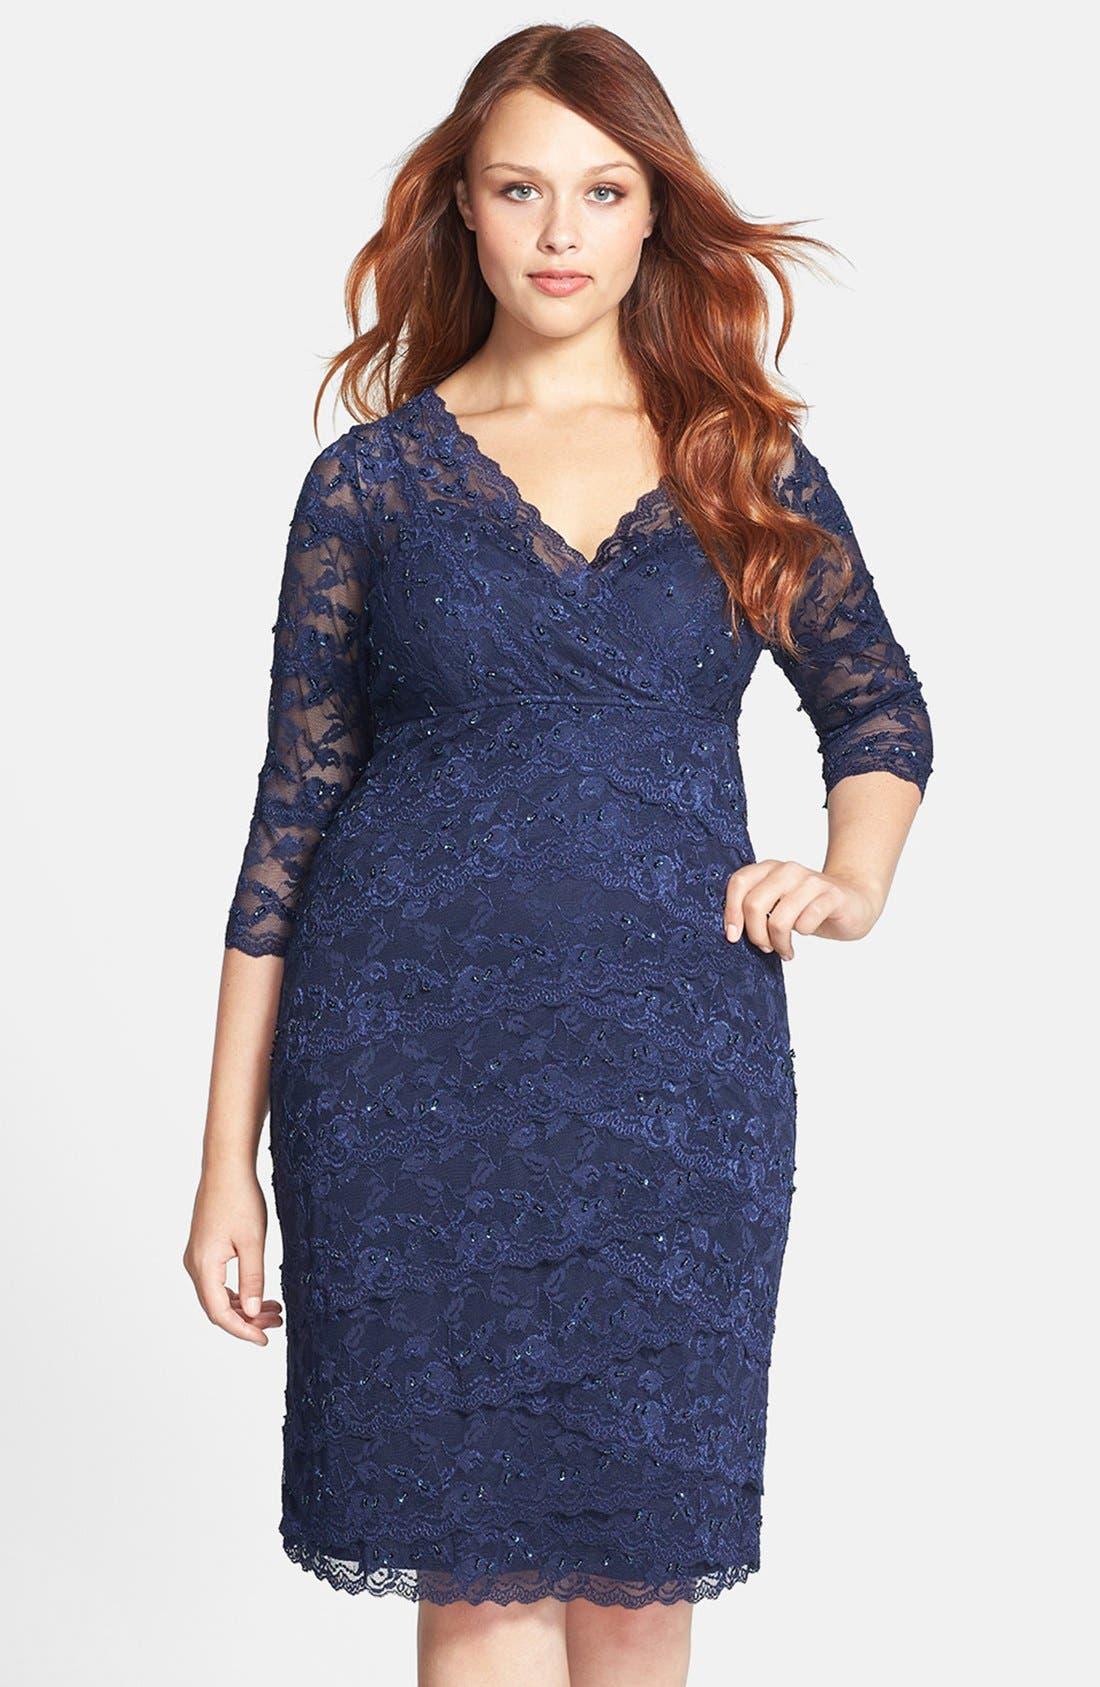 Main Image - Marina Embellished Three Quarter Sleeve Lace Dress (Plus Size)